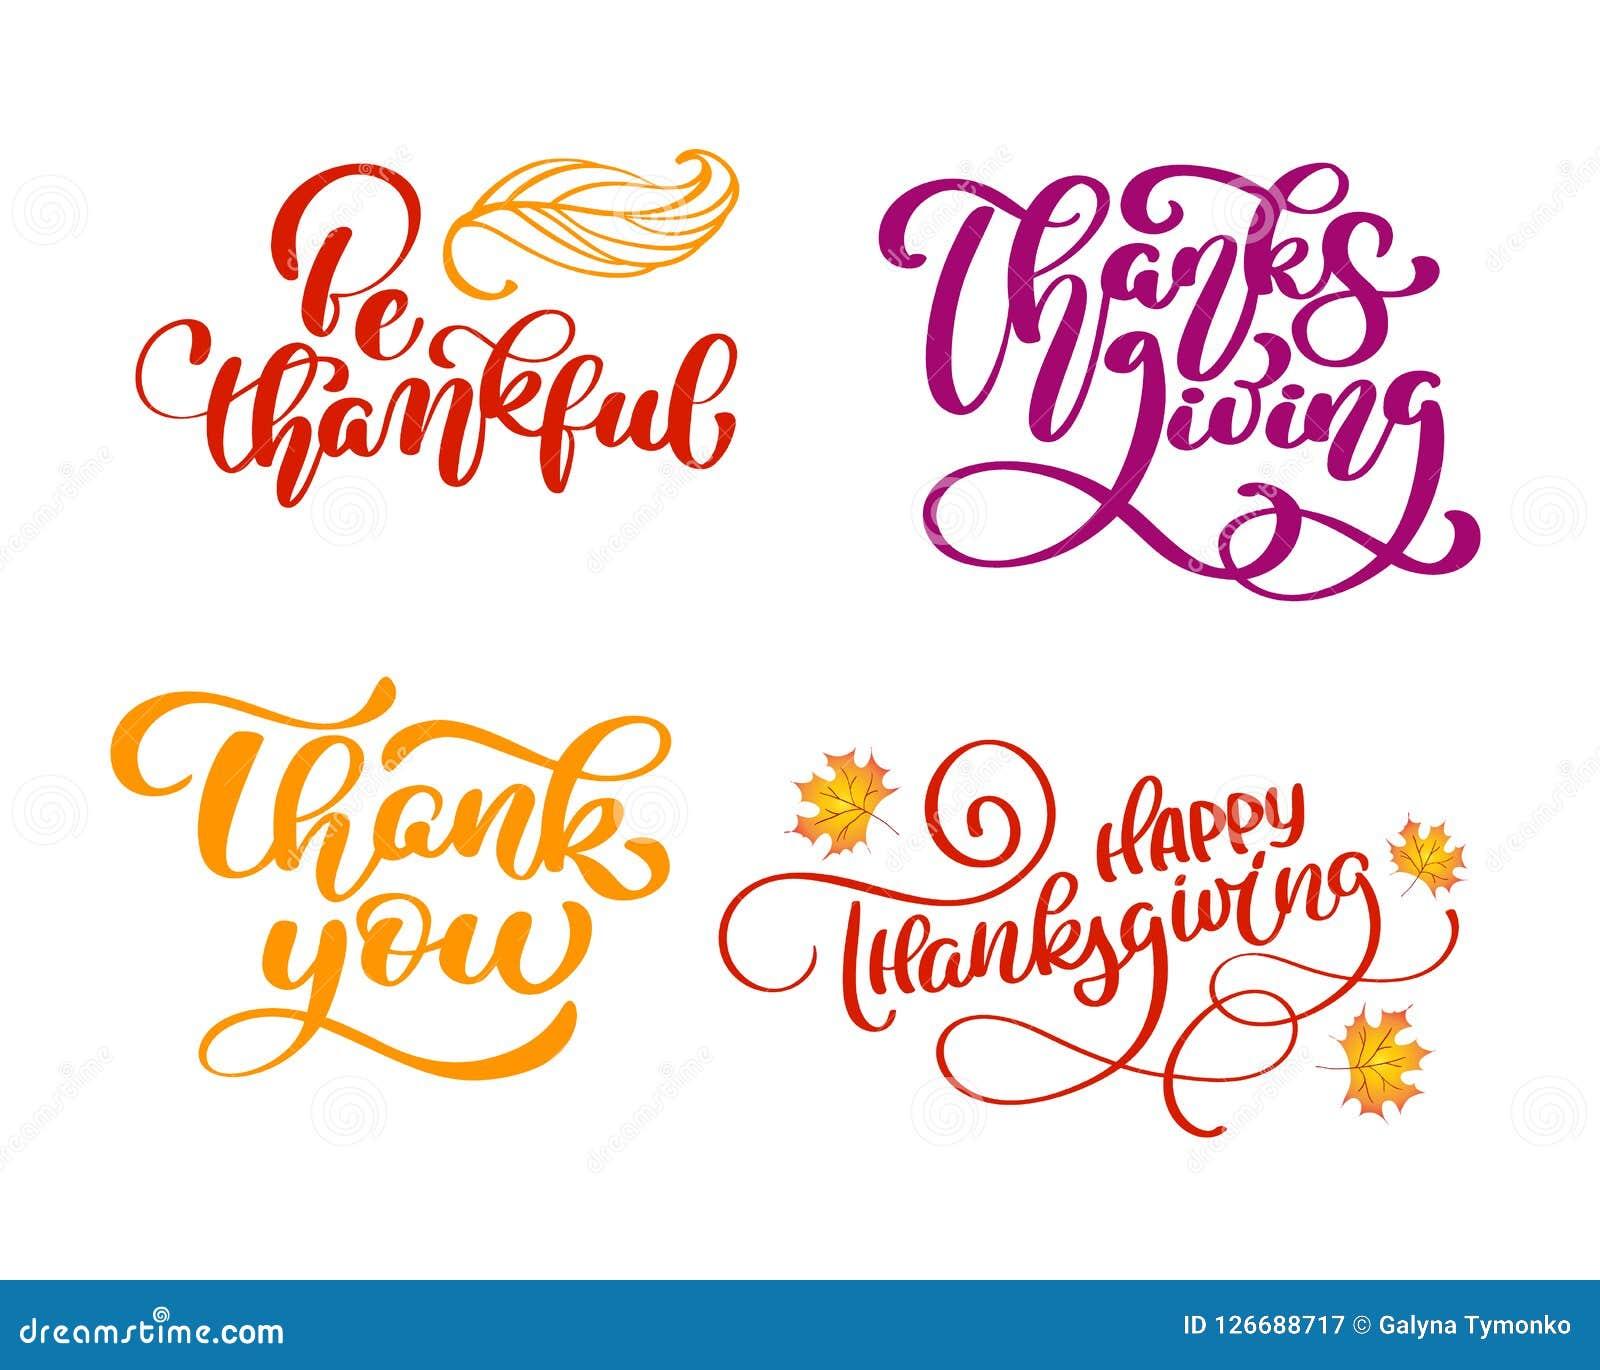 El Sistema De Frases De La Caligrafía Sea Agradecido Gracias Día